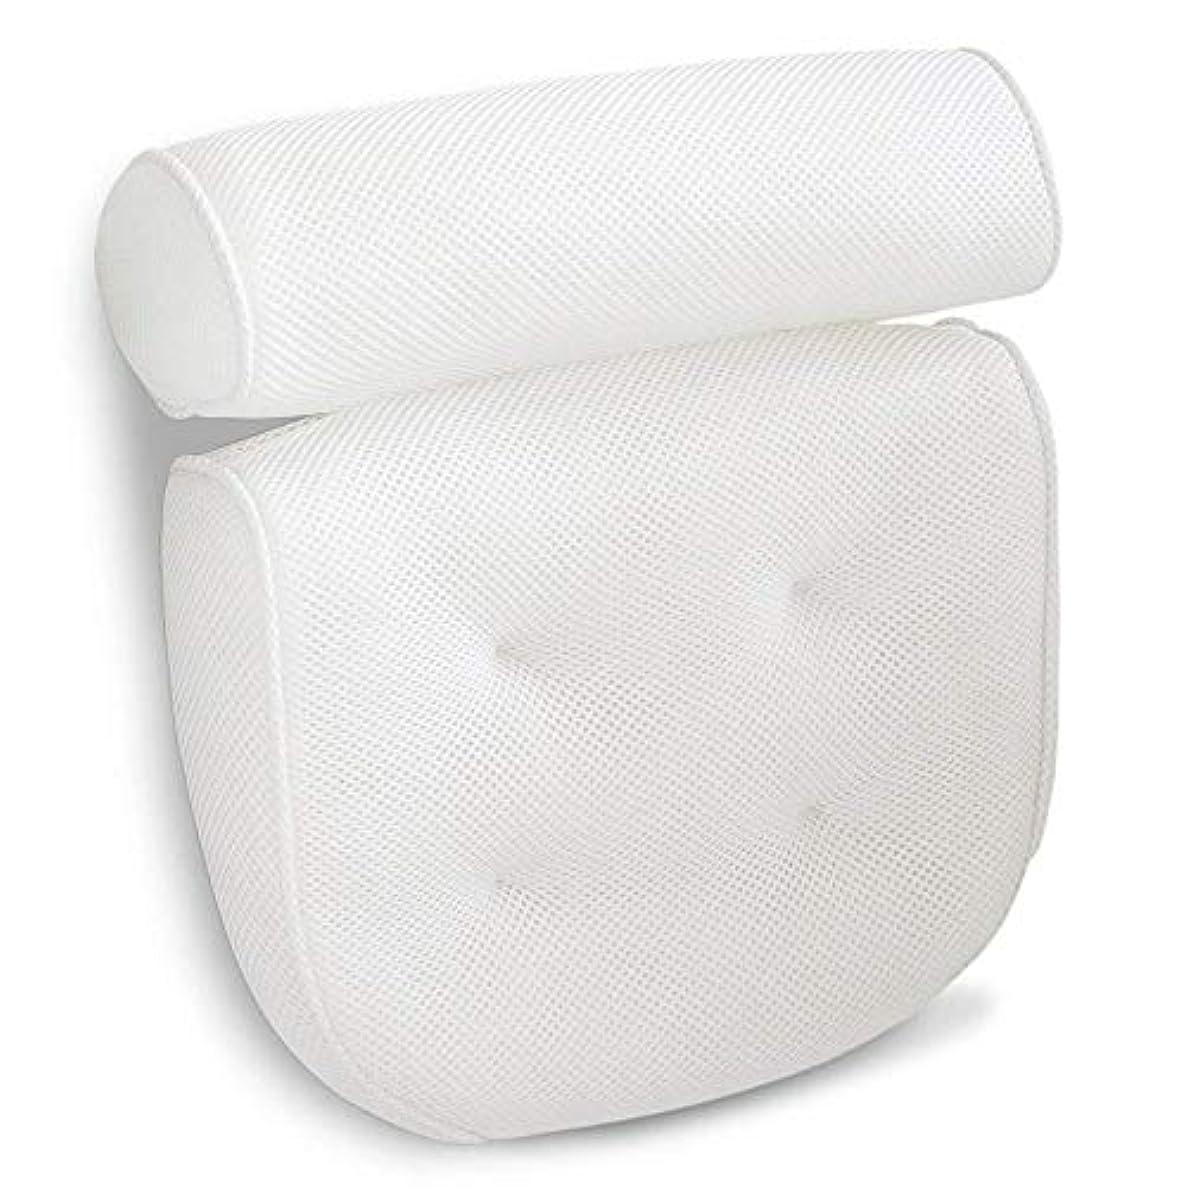 首尾一貫した死の顎指導する浴槽枕 後頭部と首をサポートするための浴槽ジャグジー、スパ、プール、ビーチチェアヘッドレストのための4強吸盤スパバス枕 バスルーム枕 (色 : 白, サイズ : 36 x 33 x 10cm)